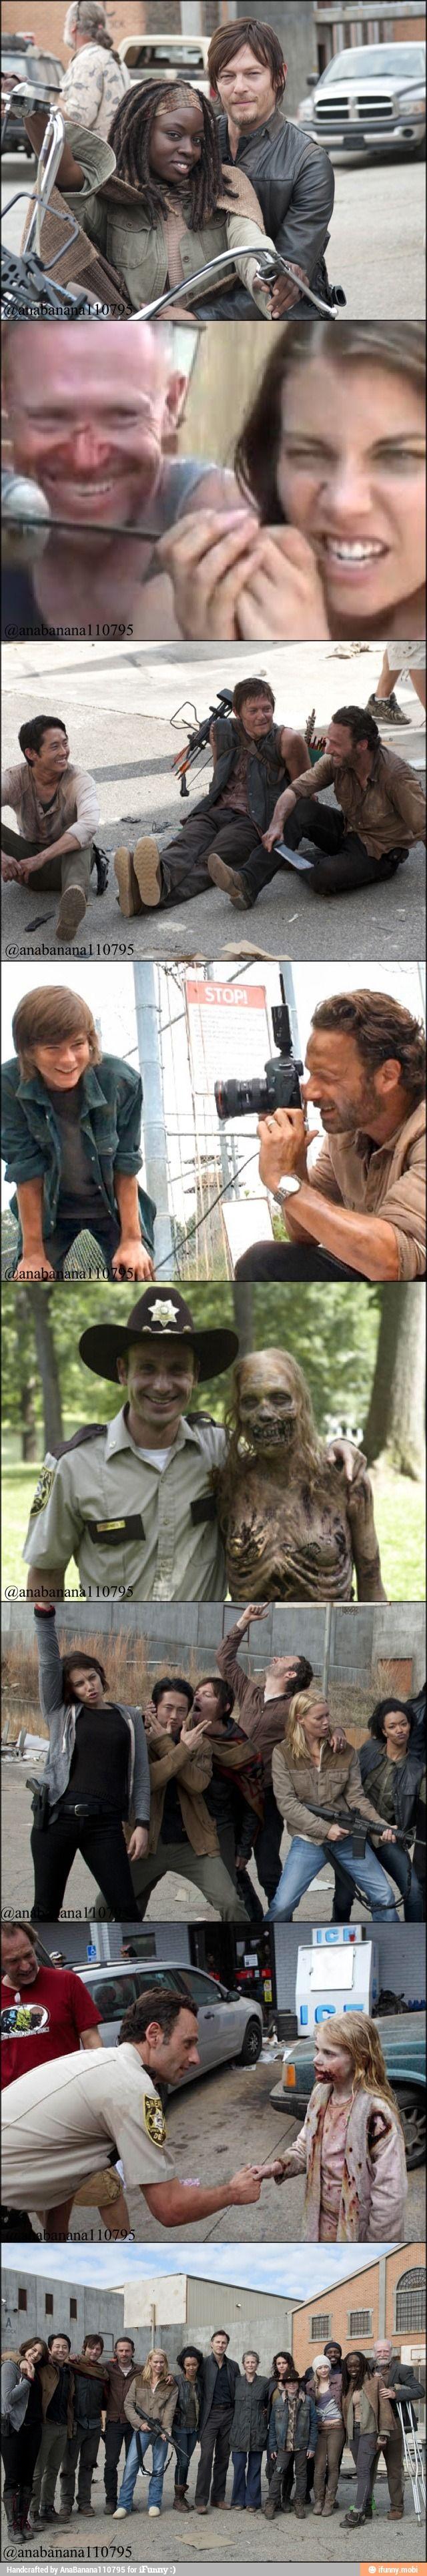 The Walking Dead / @moxiethrift on etsy Wolf @Elyette Yert Yert @Kayla Barkett Spoon